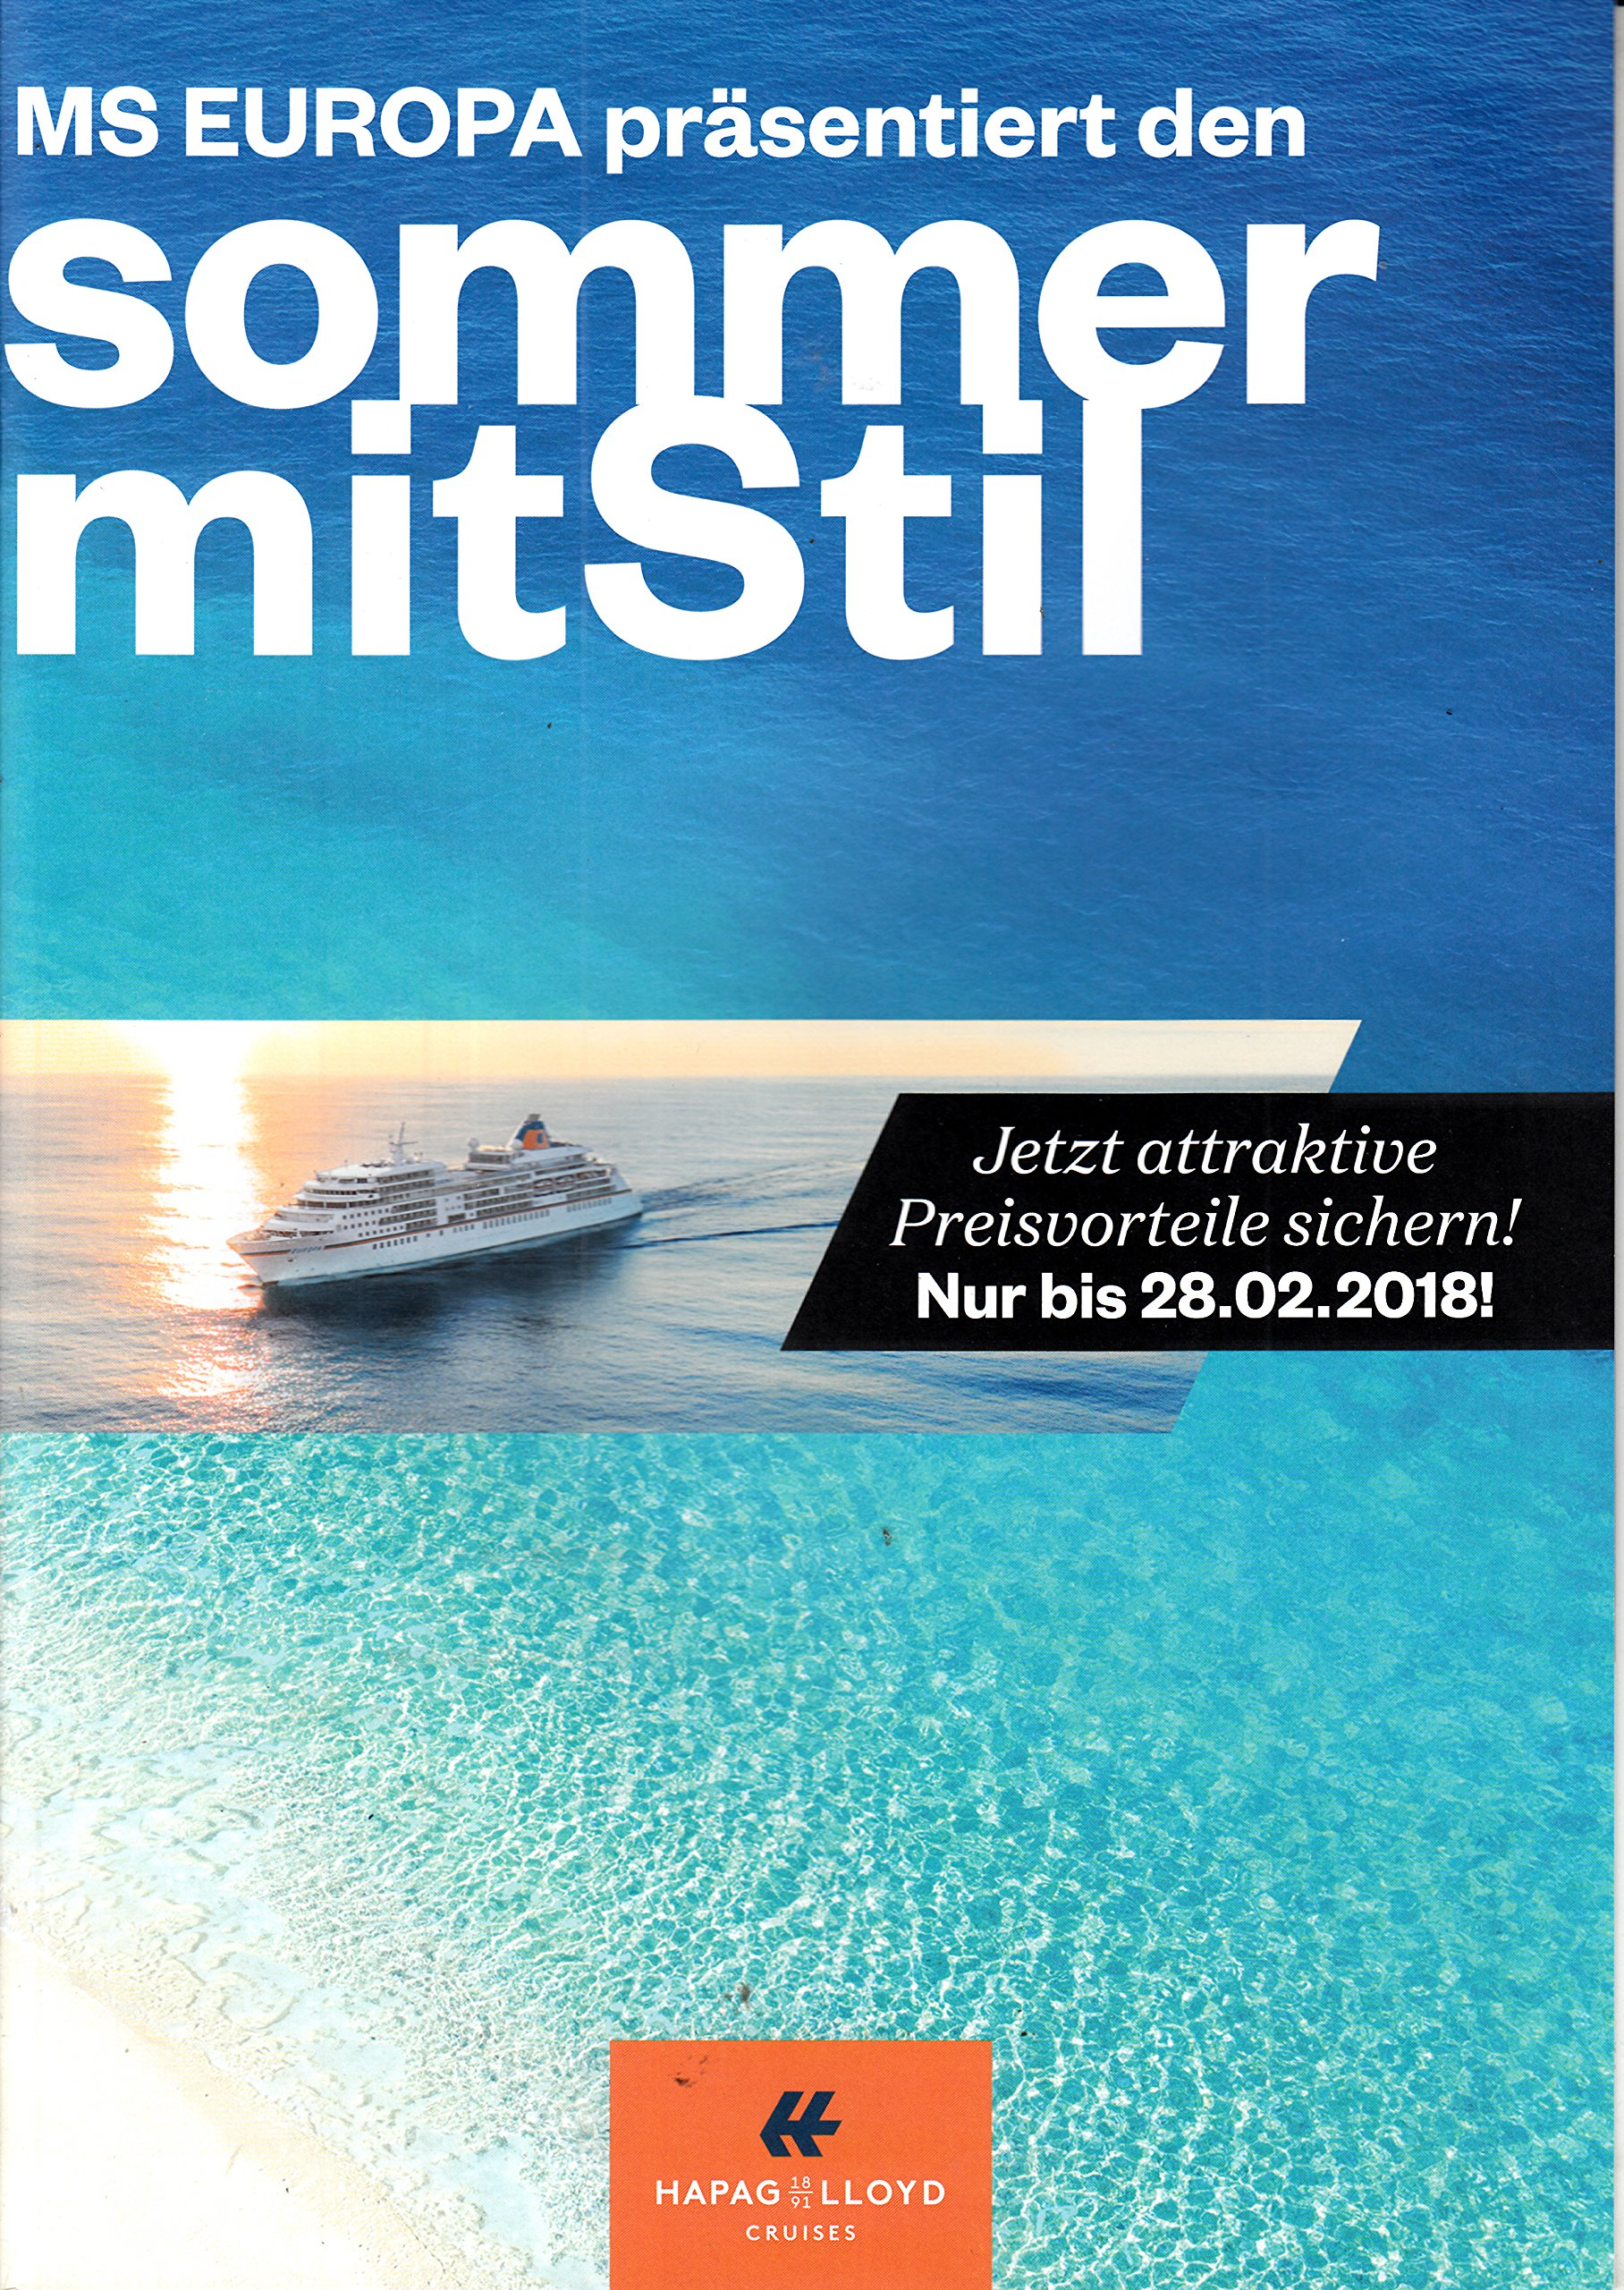 besser Modern und elegant in der Mode Outlet zum Verkauf Hapag Lloyd Folder 2018 MS Europa Sommer mit Stil Werbung ...